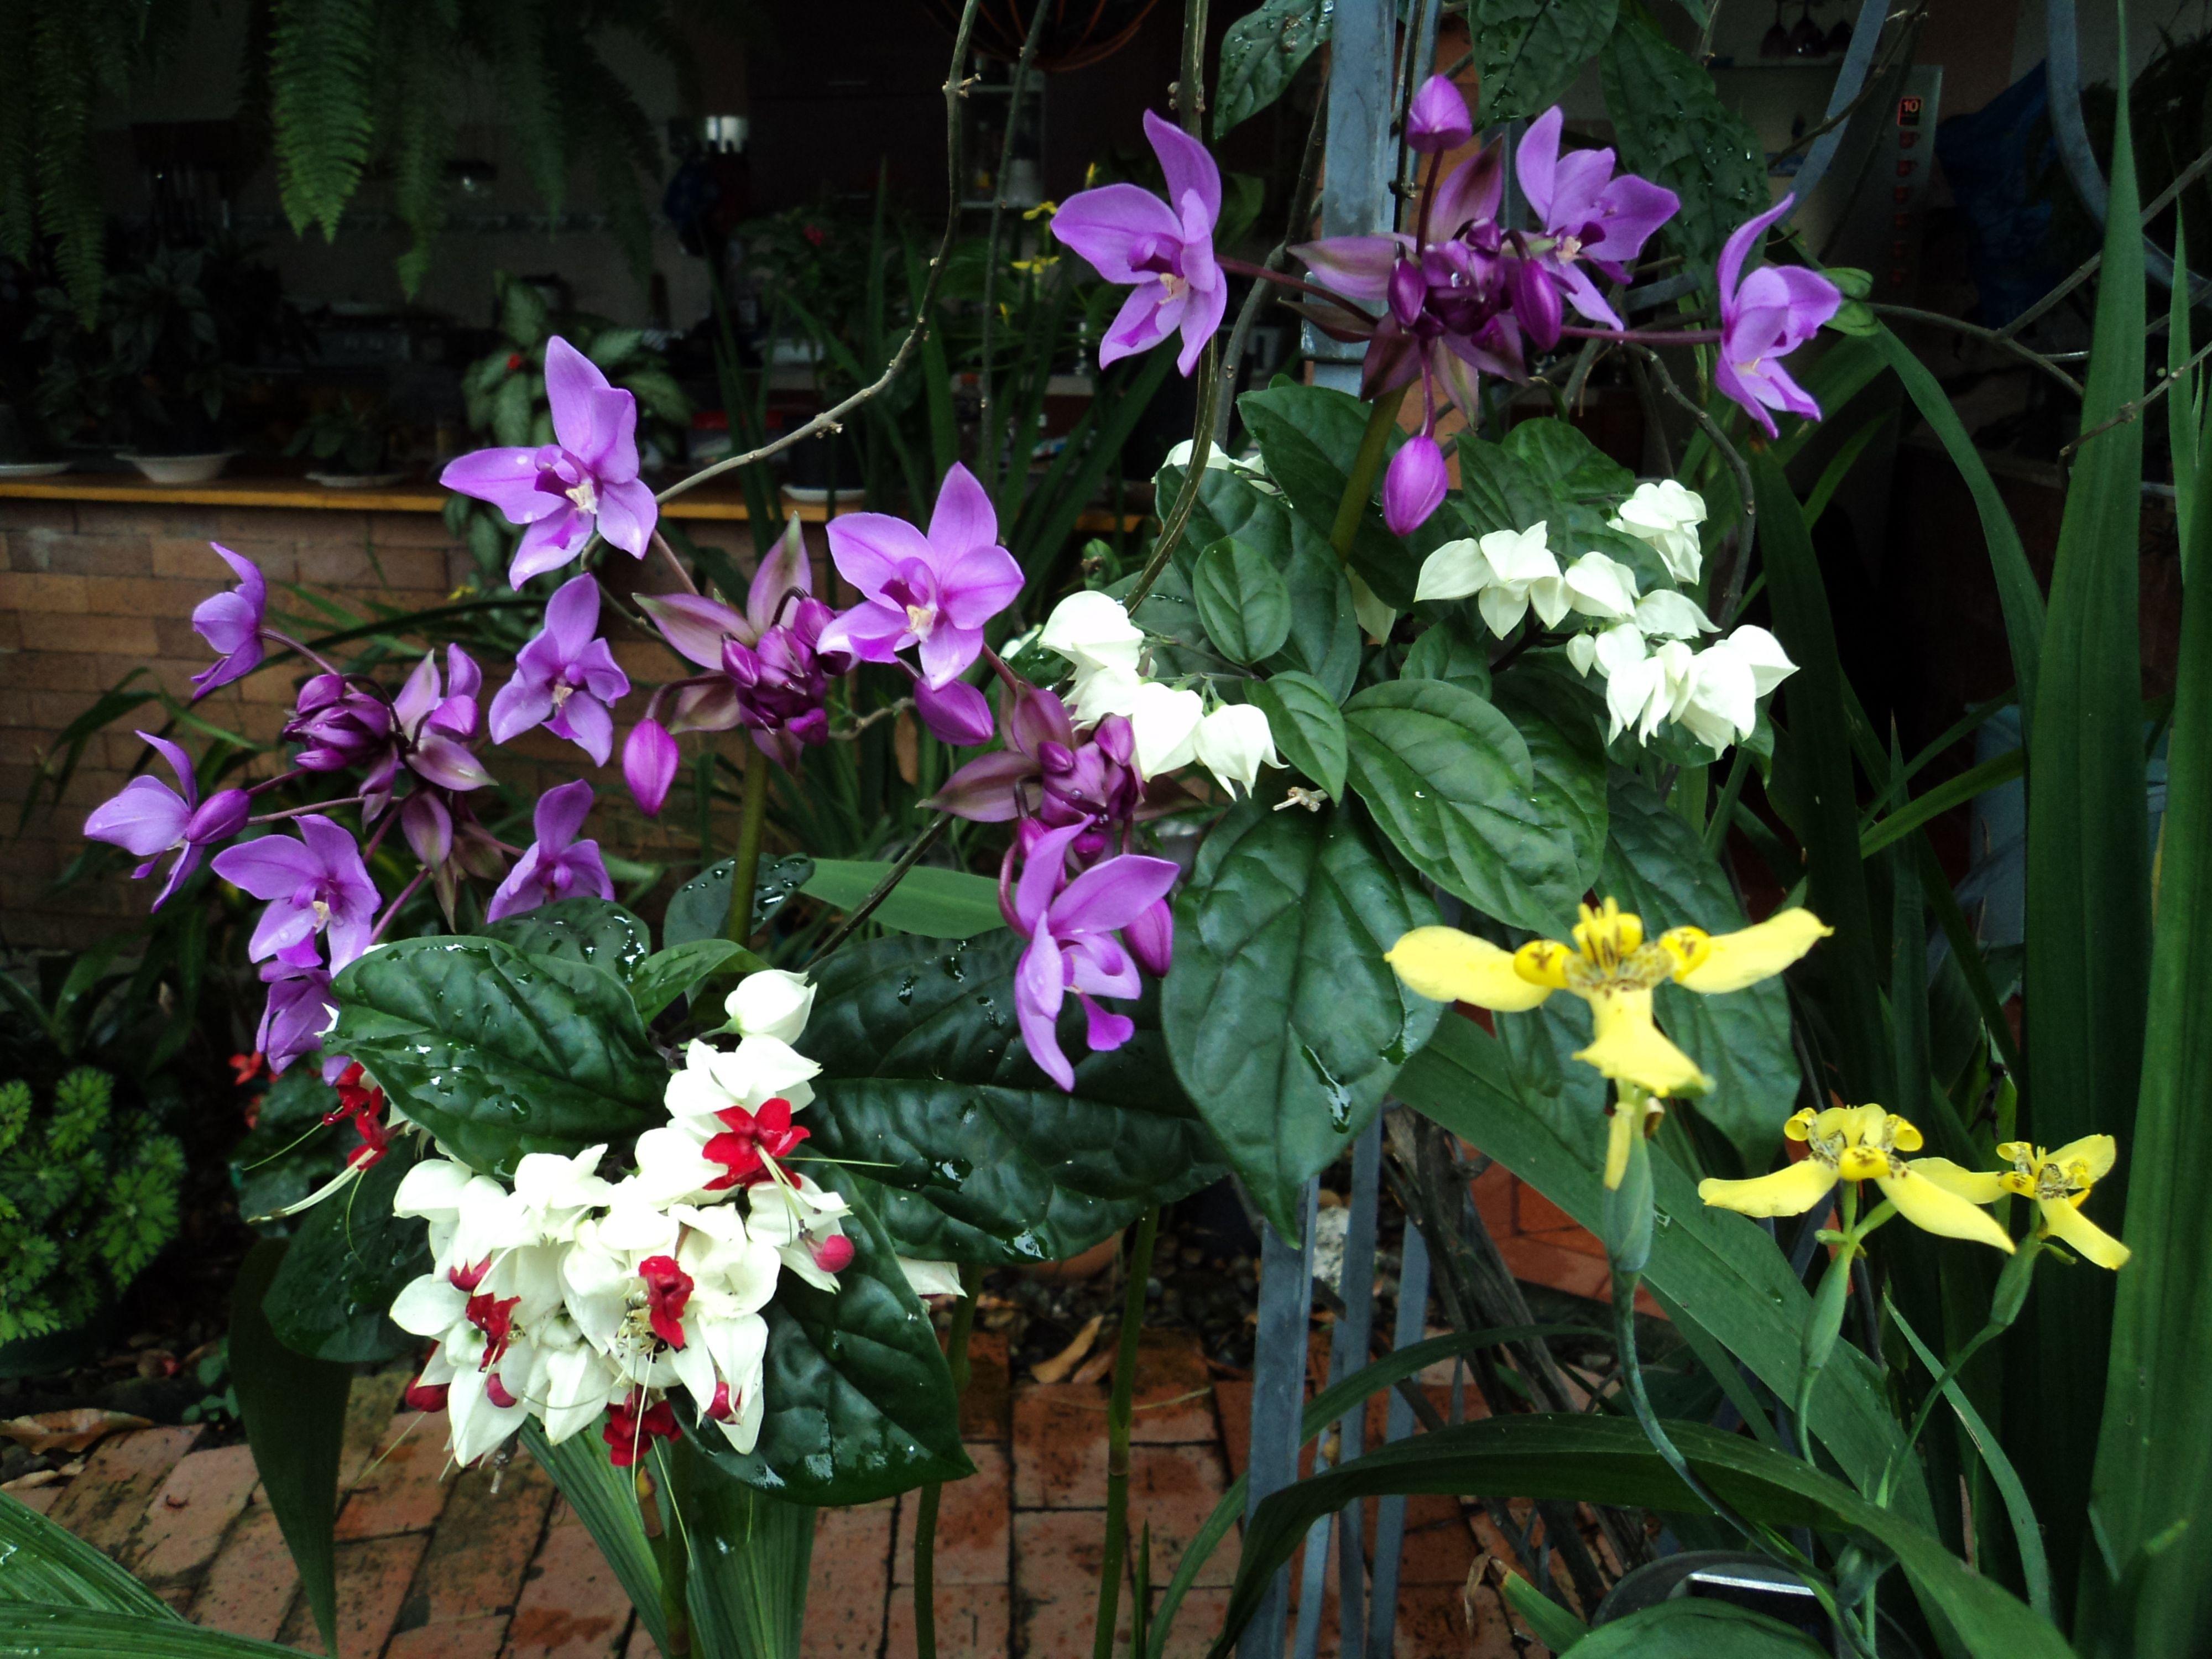 Encantador Uñas Montículo Flor Del Balneario Embellecimiento - Ideas ...